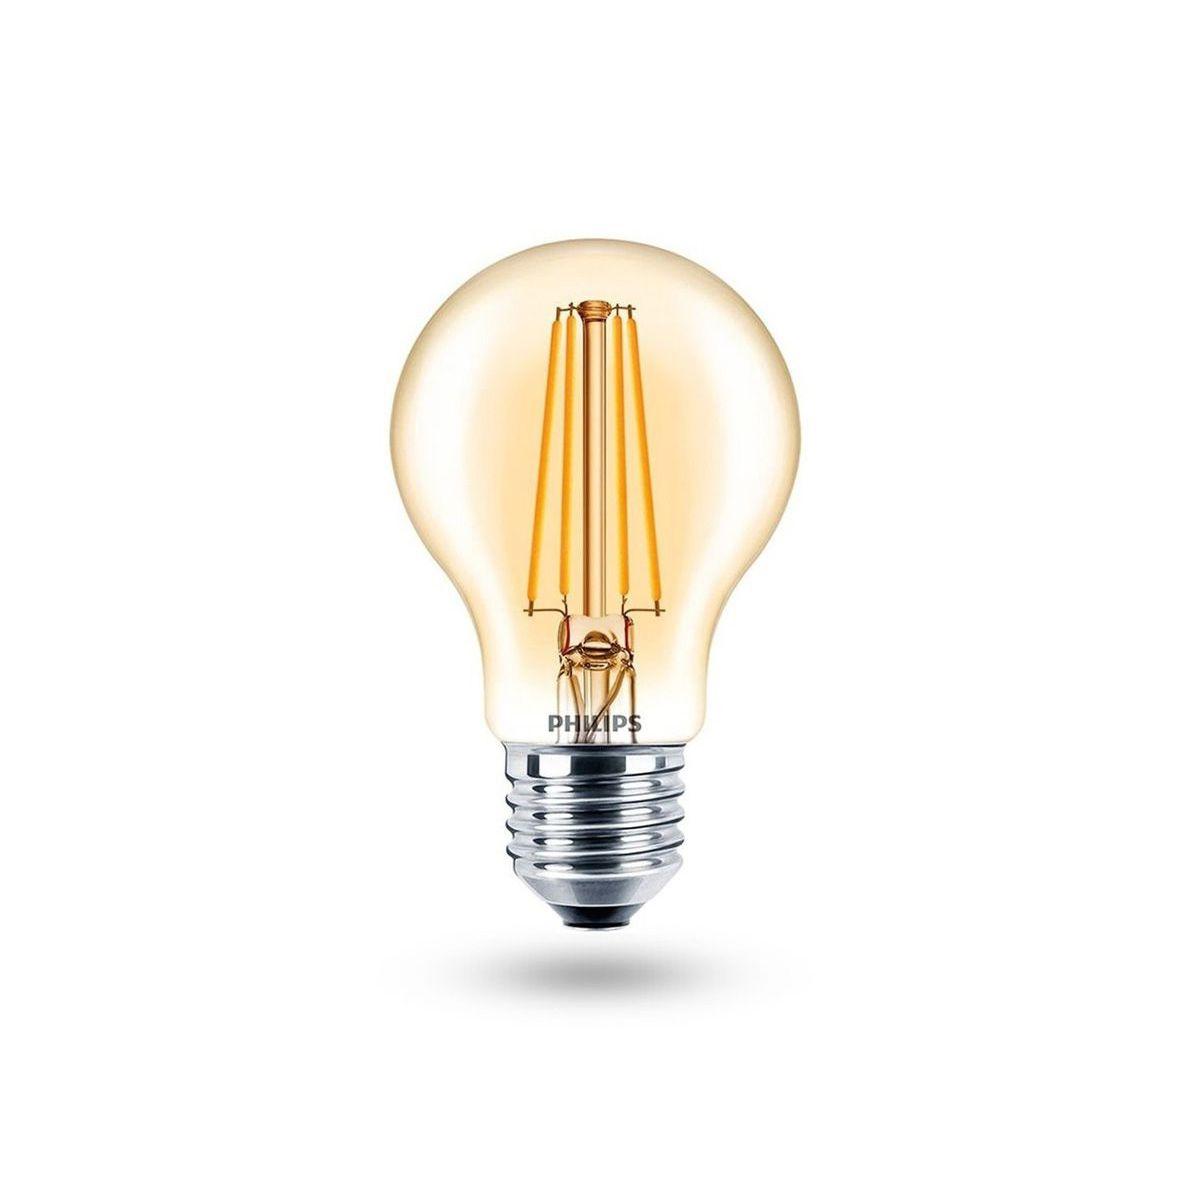 Lâmpada LED Filamento 7.5w A60 E27 2000K 220V Dimerizável - PHILIPS